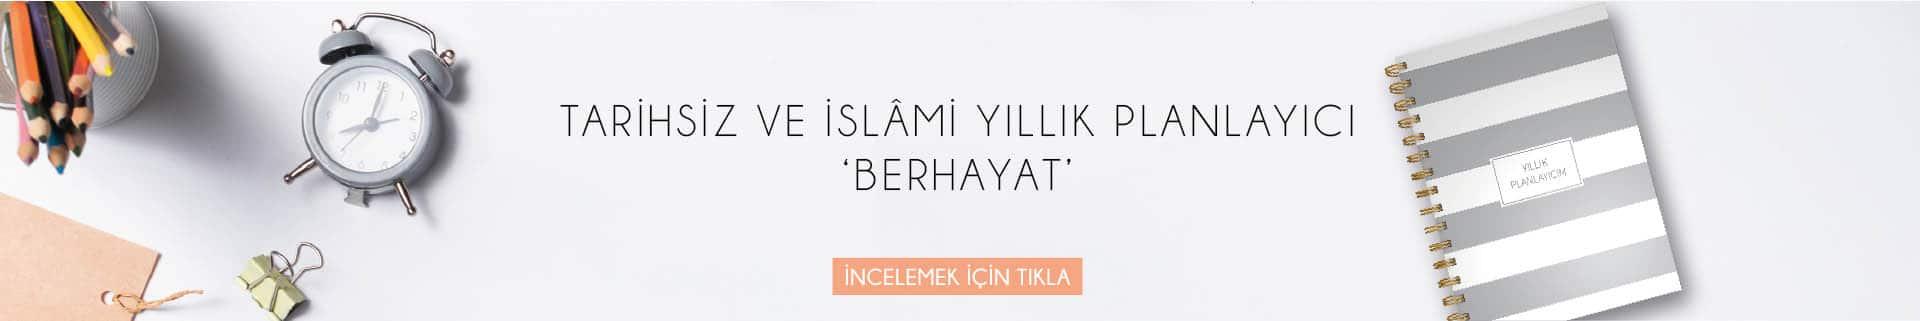 Berhayât Tarihsiz ve İslami Yıllık Planlayıcı